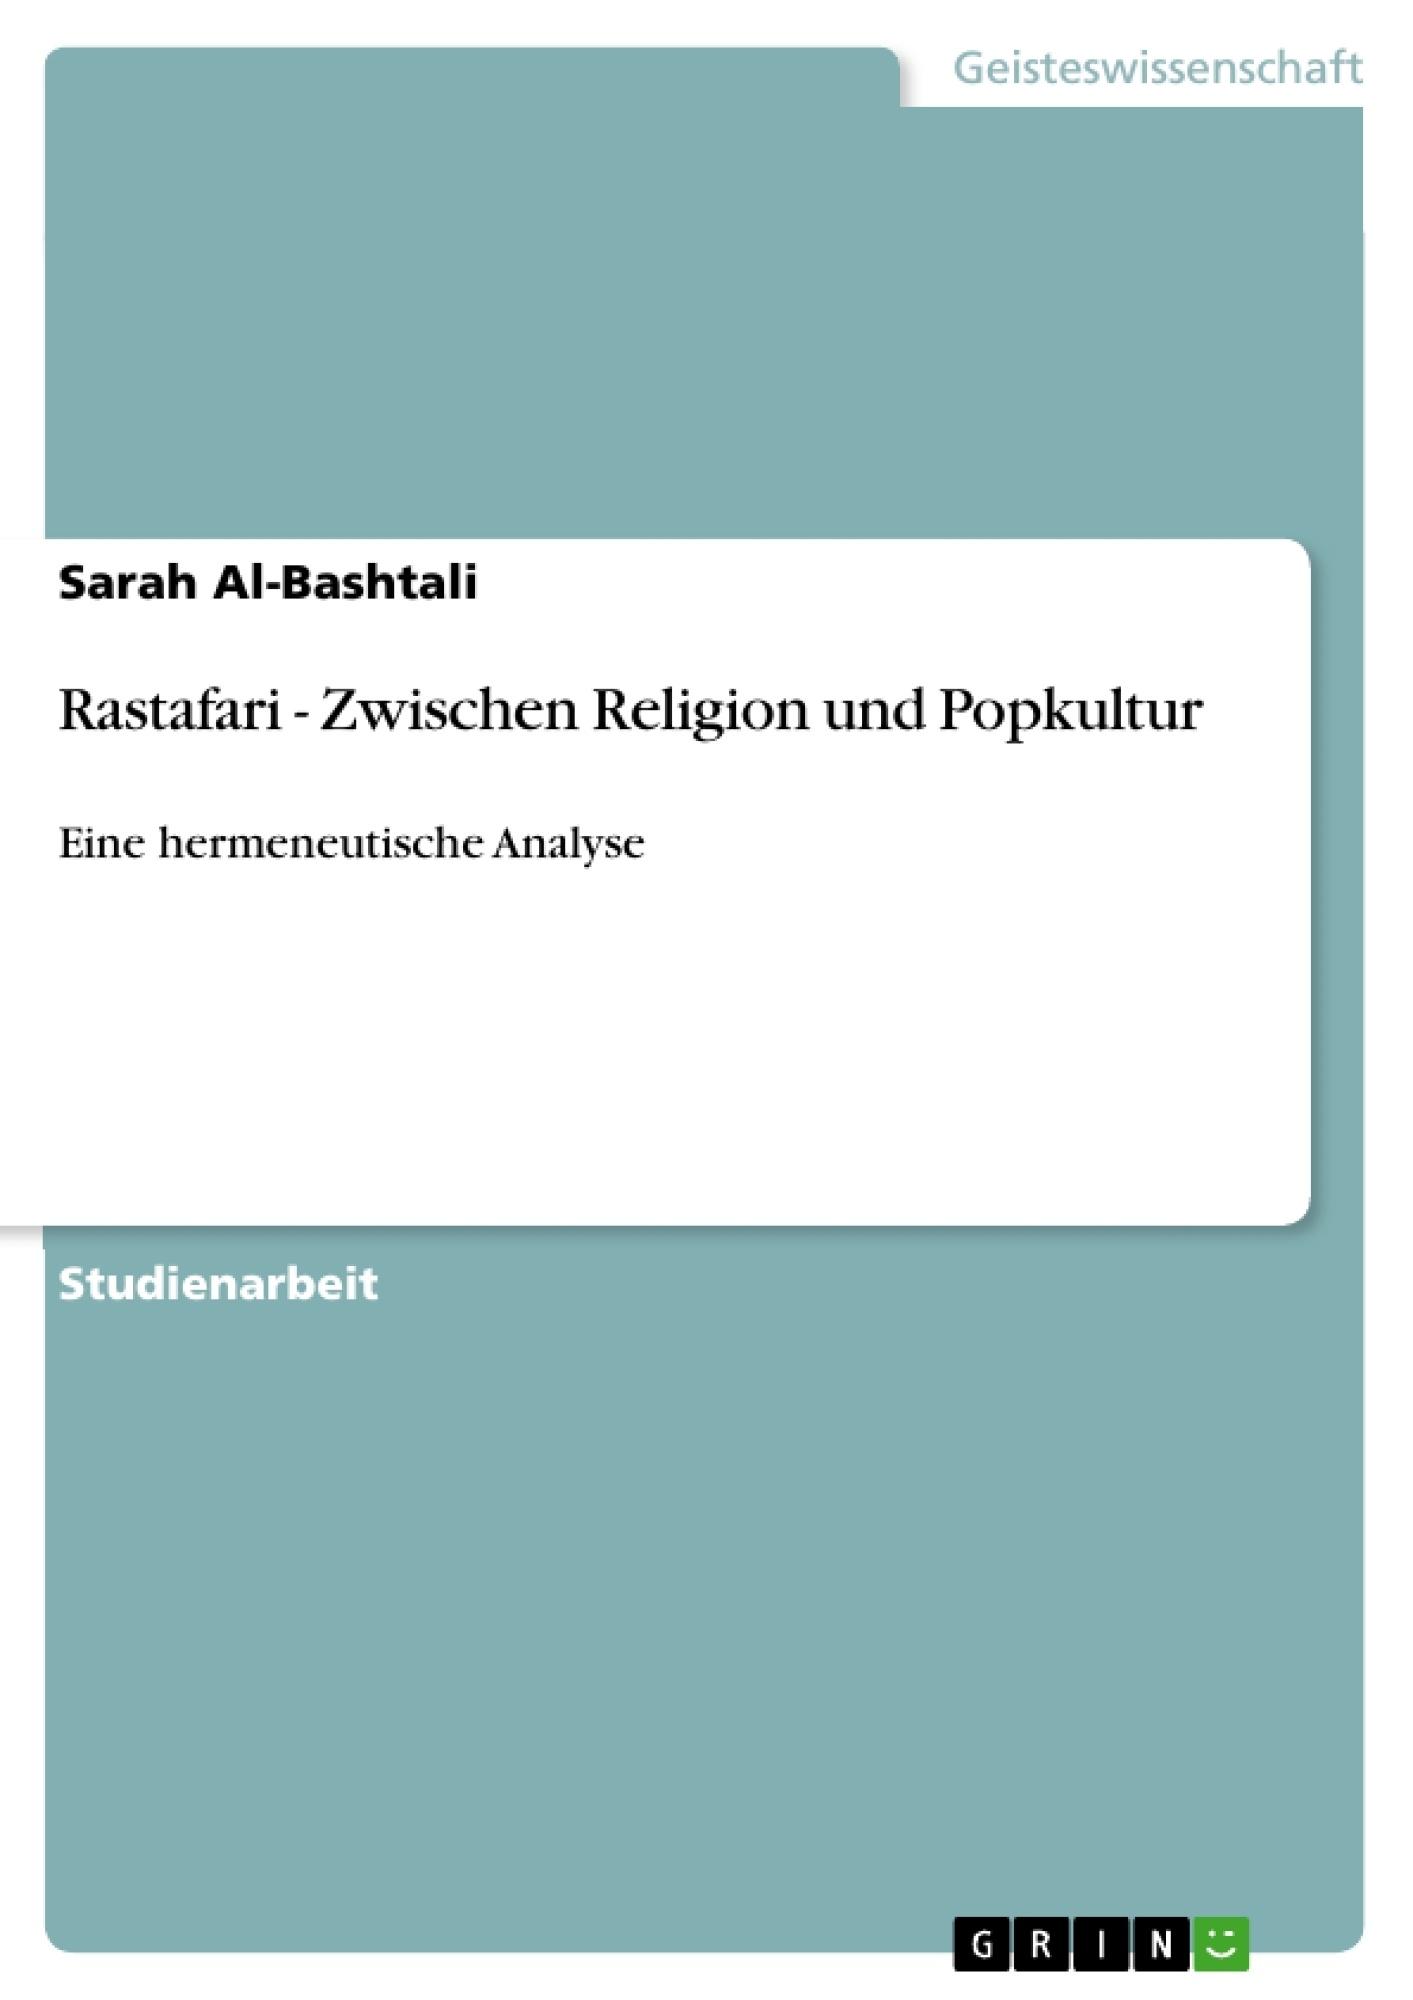 Titel: Rastafari - Zwischen Religion und Popkultur